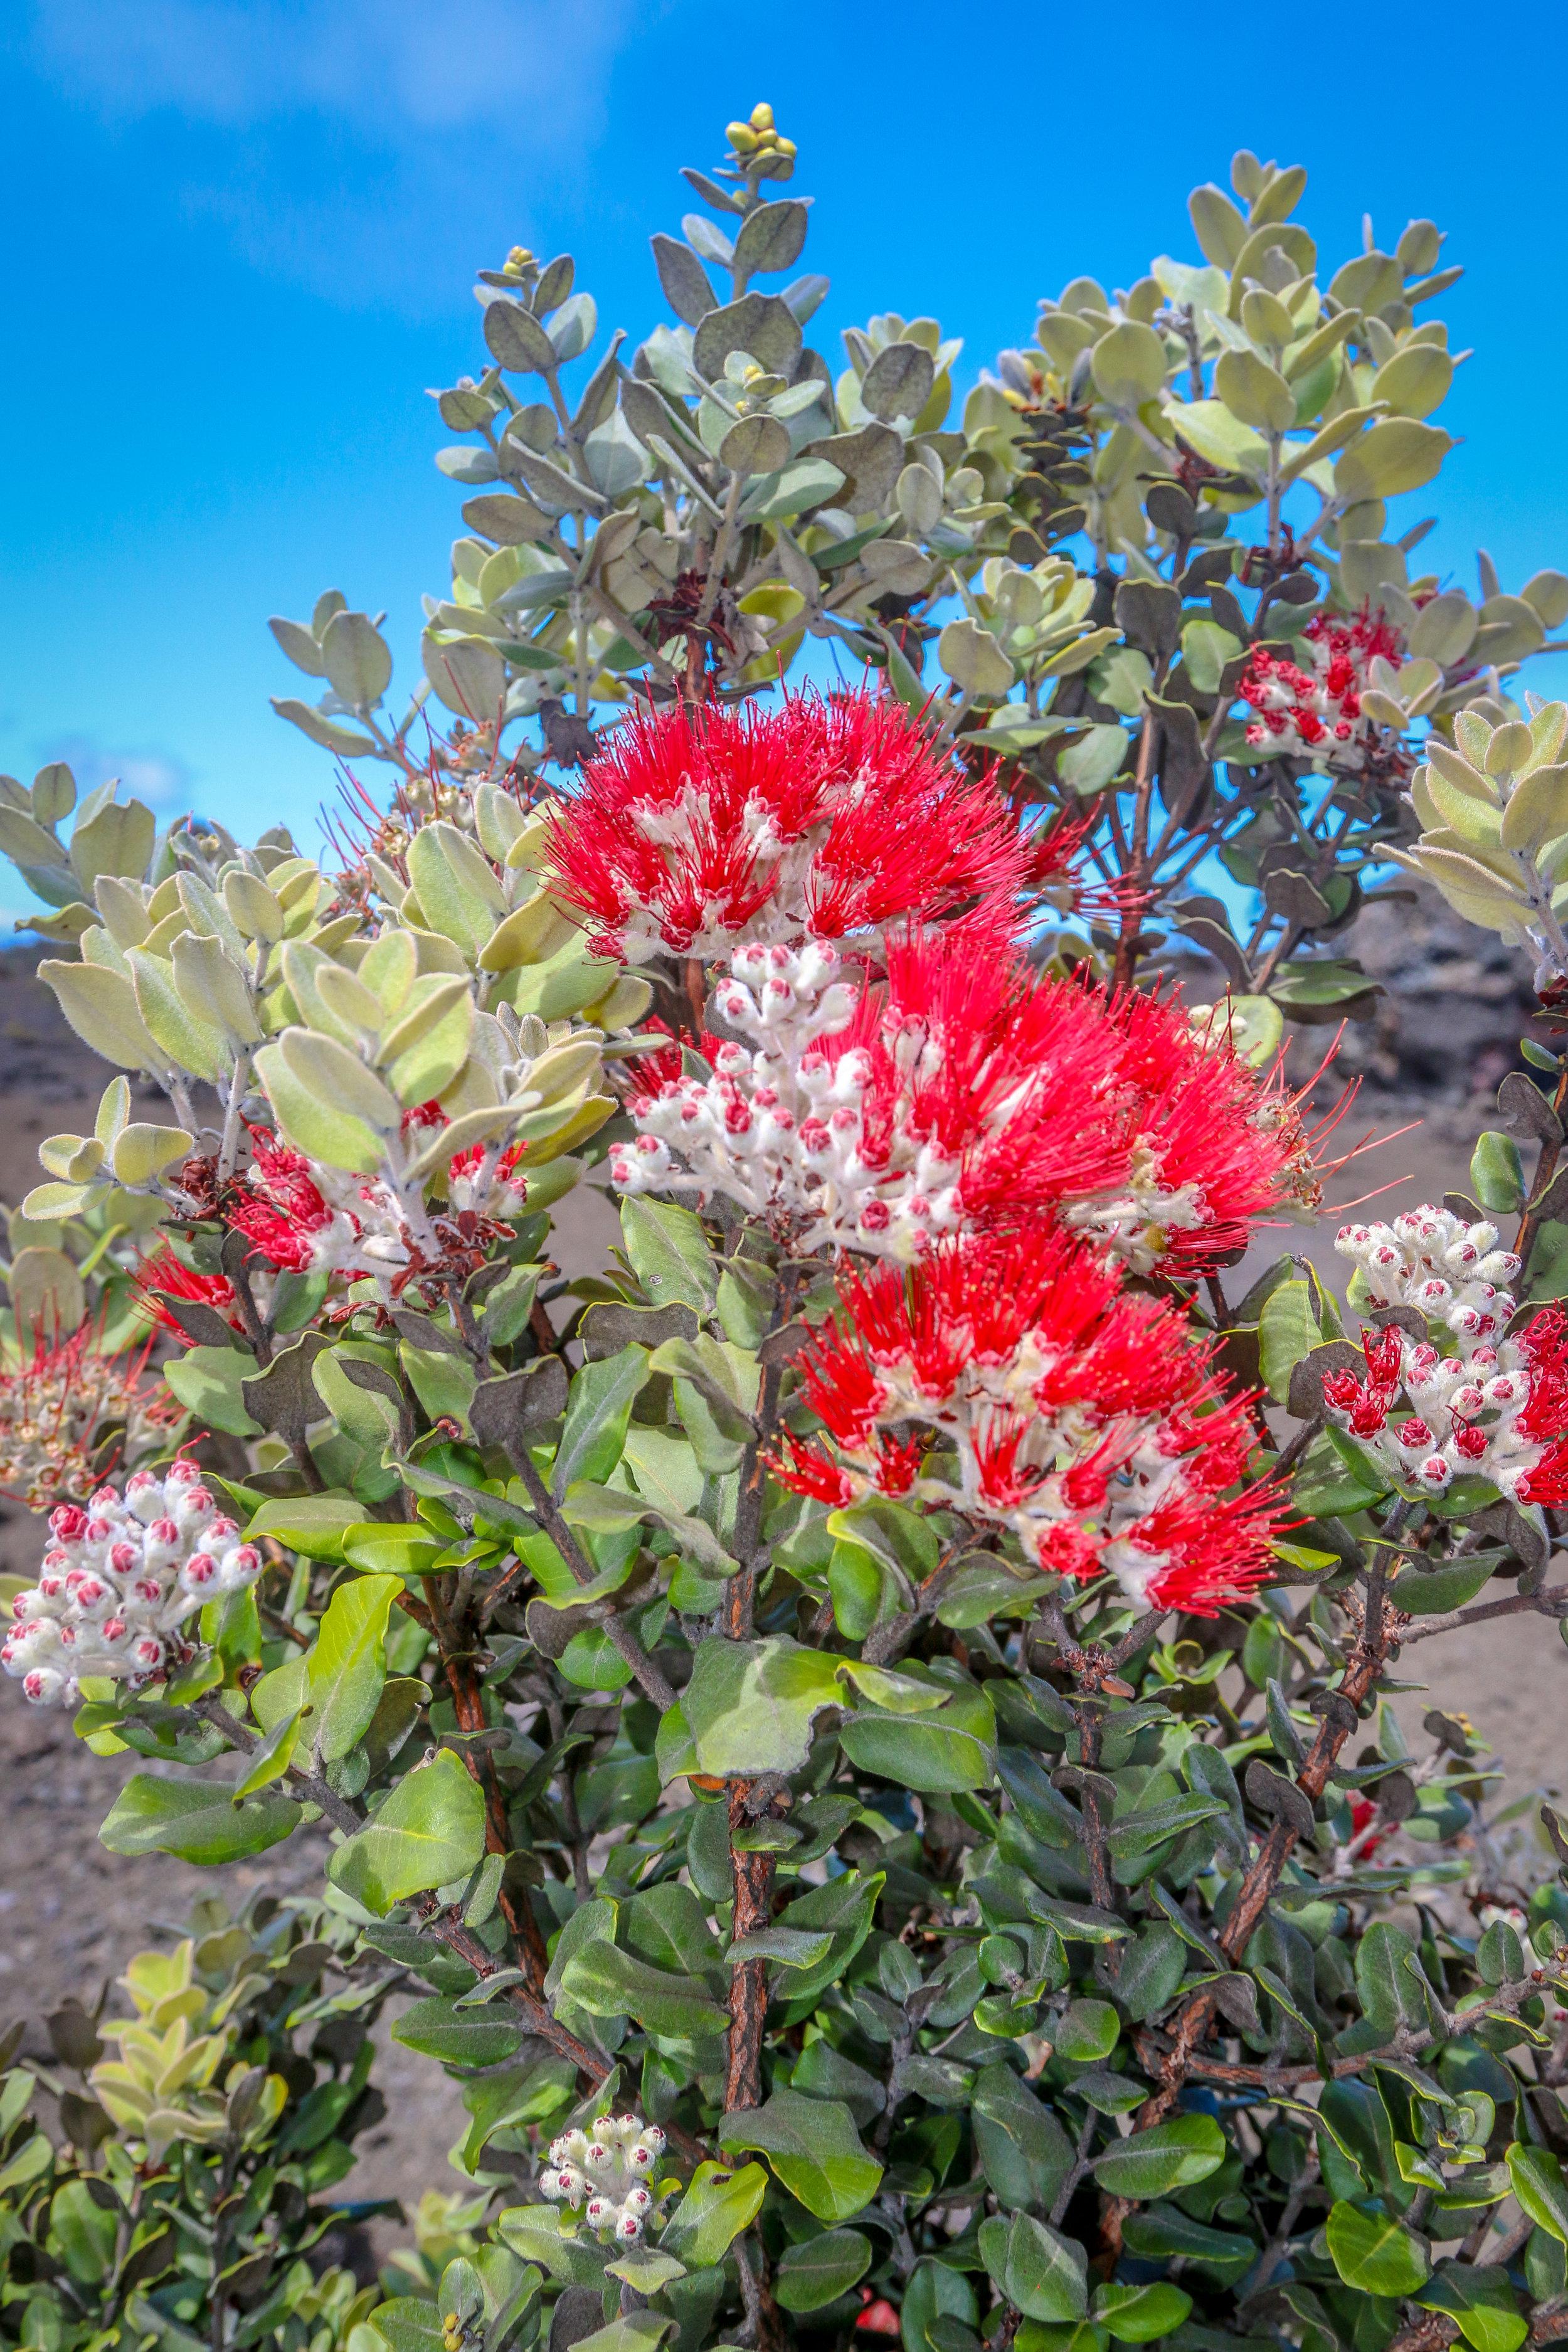 More Ohia Lehua Flowers! I Really Love These Flowers